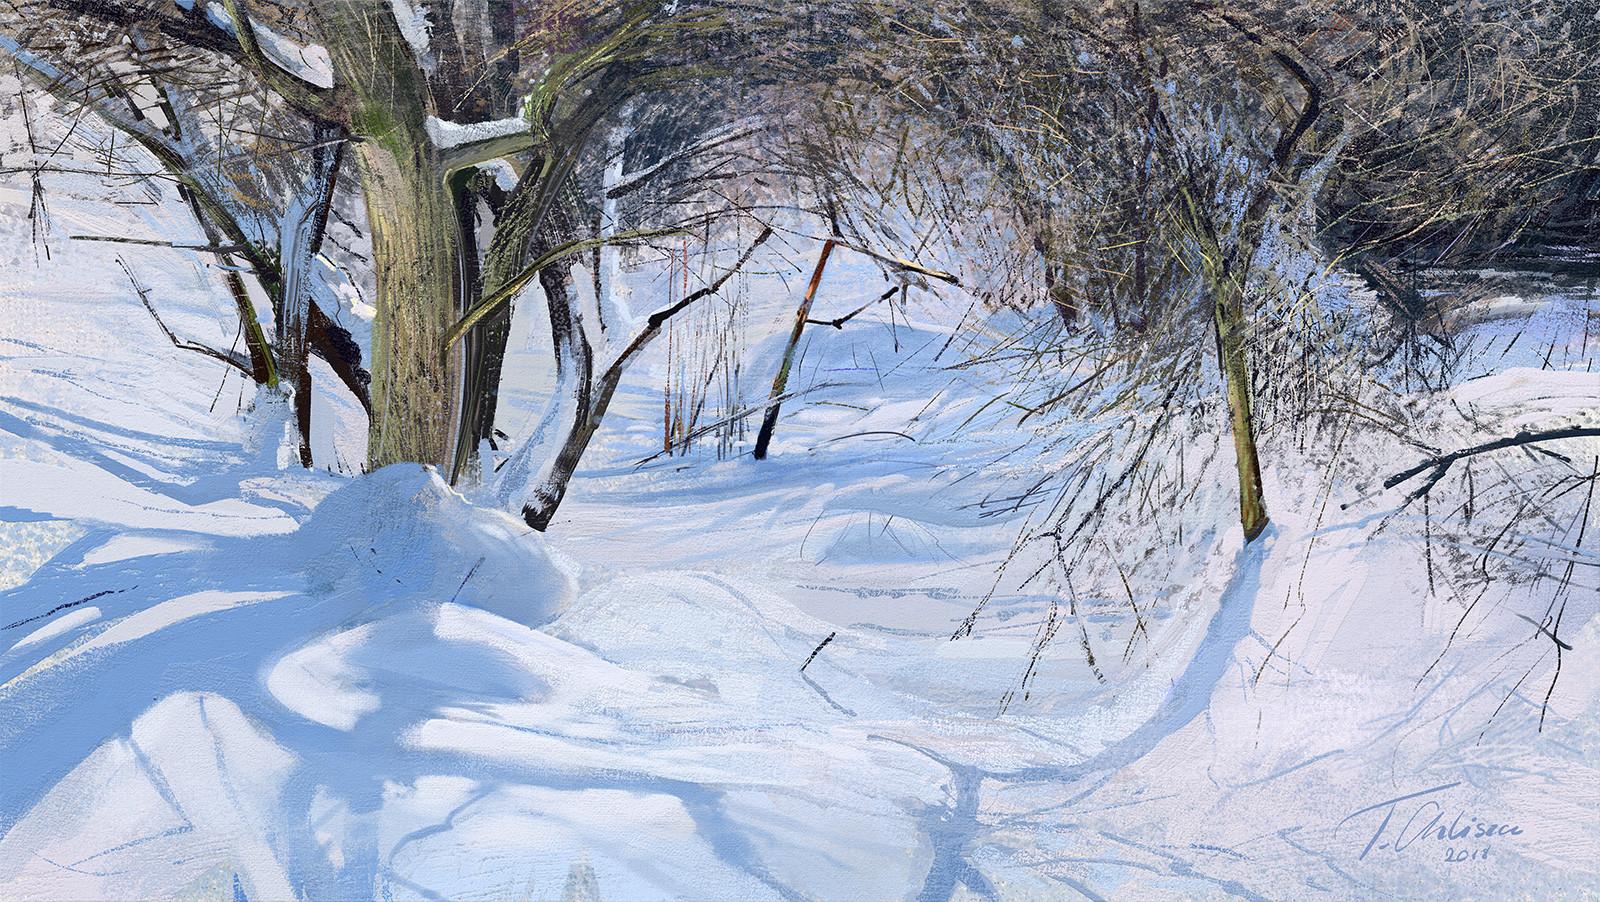 Tymoteusz chliszcz landscape100 by chliszcz